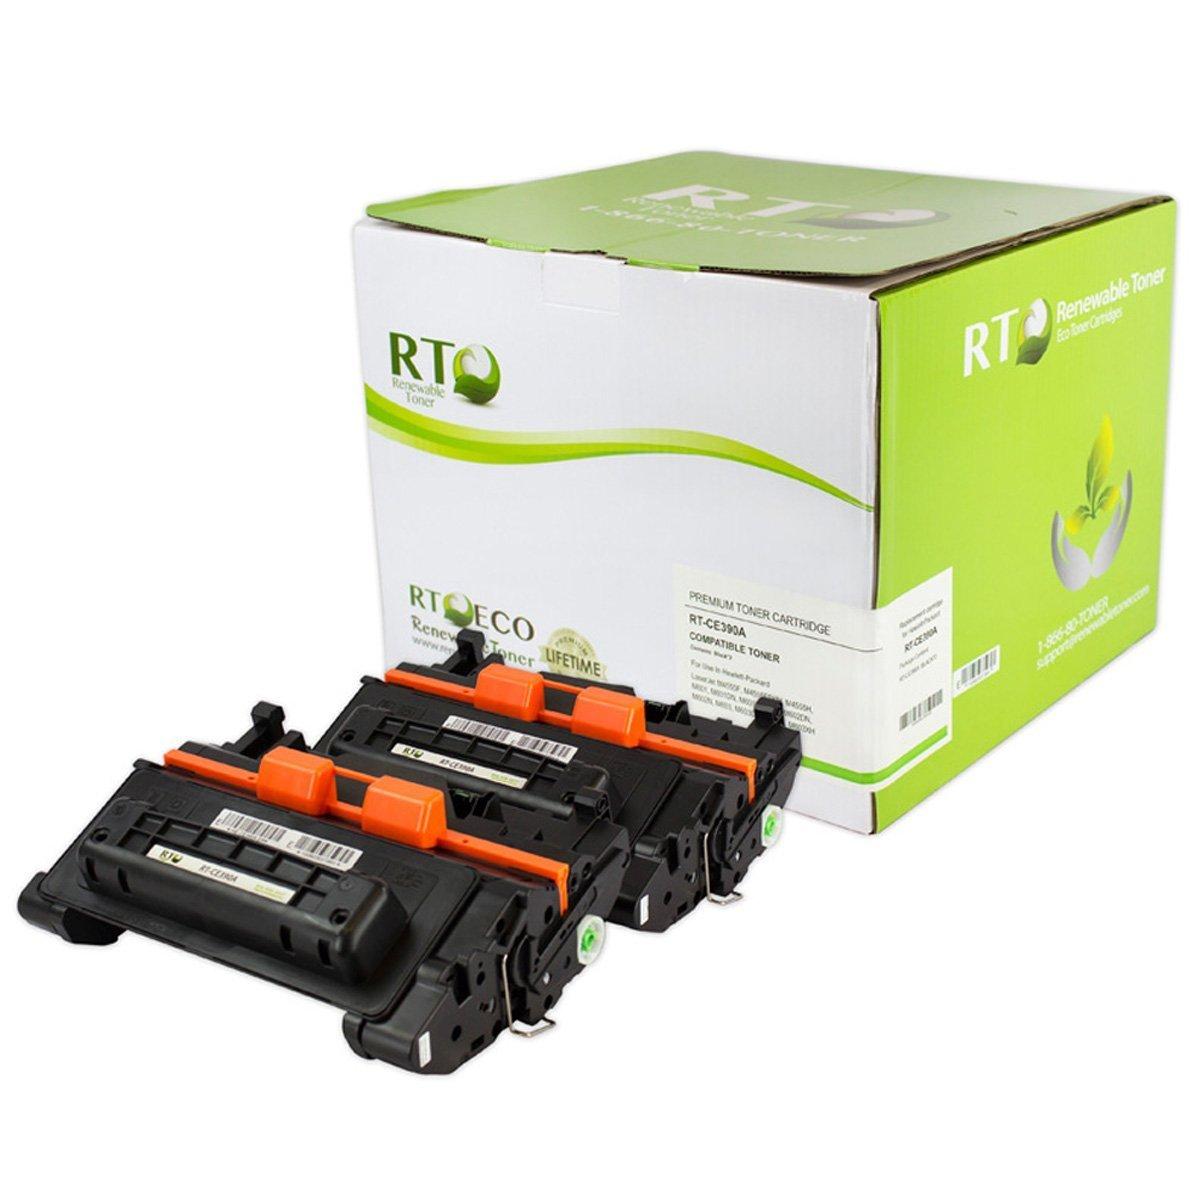 Renewable Toner 90A CE390A Compatible Cartridge Replacement for LaserJet Enterprise 600, M4555 (Black, 2-Pack)